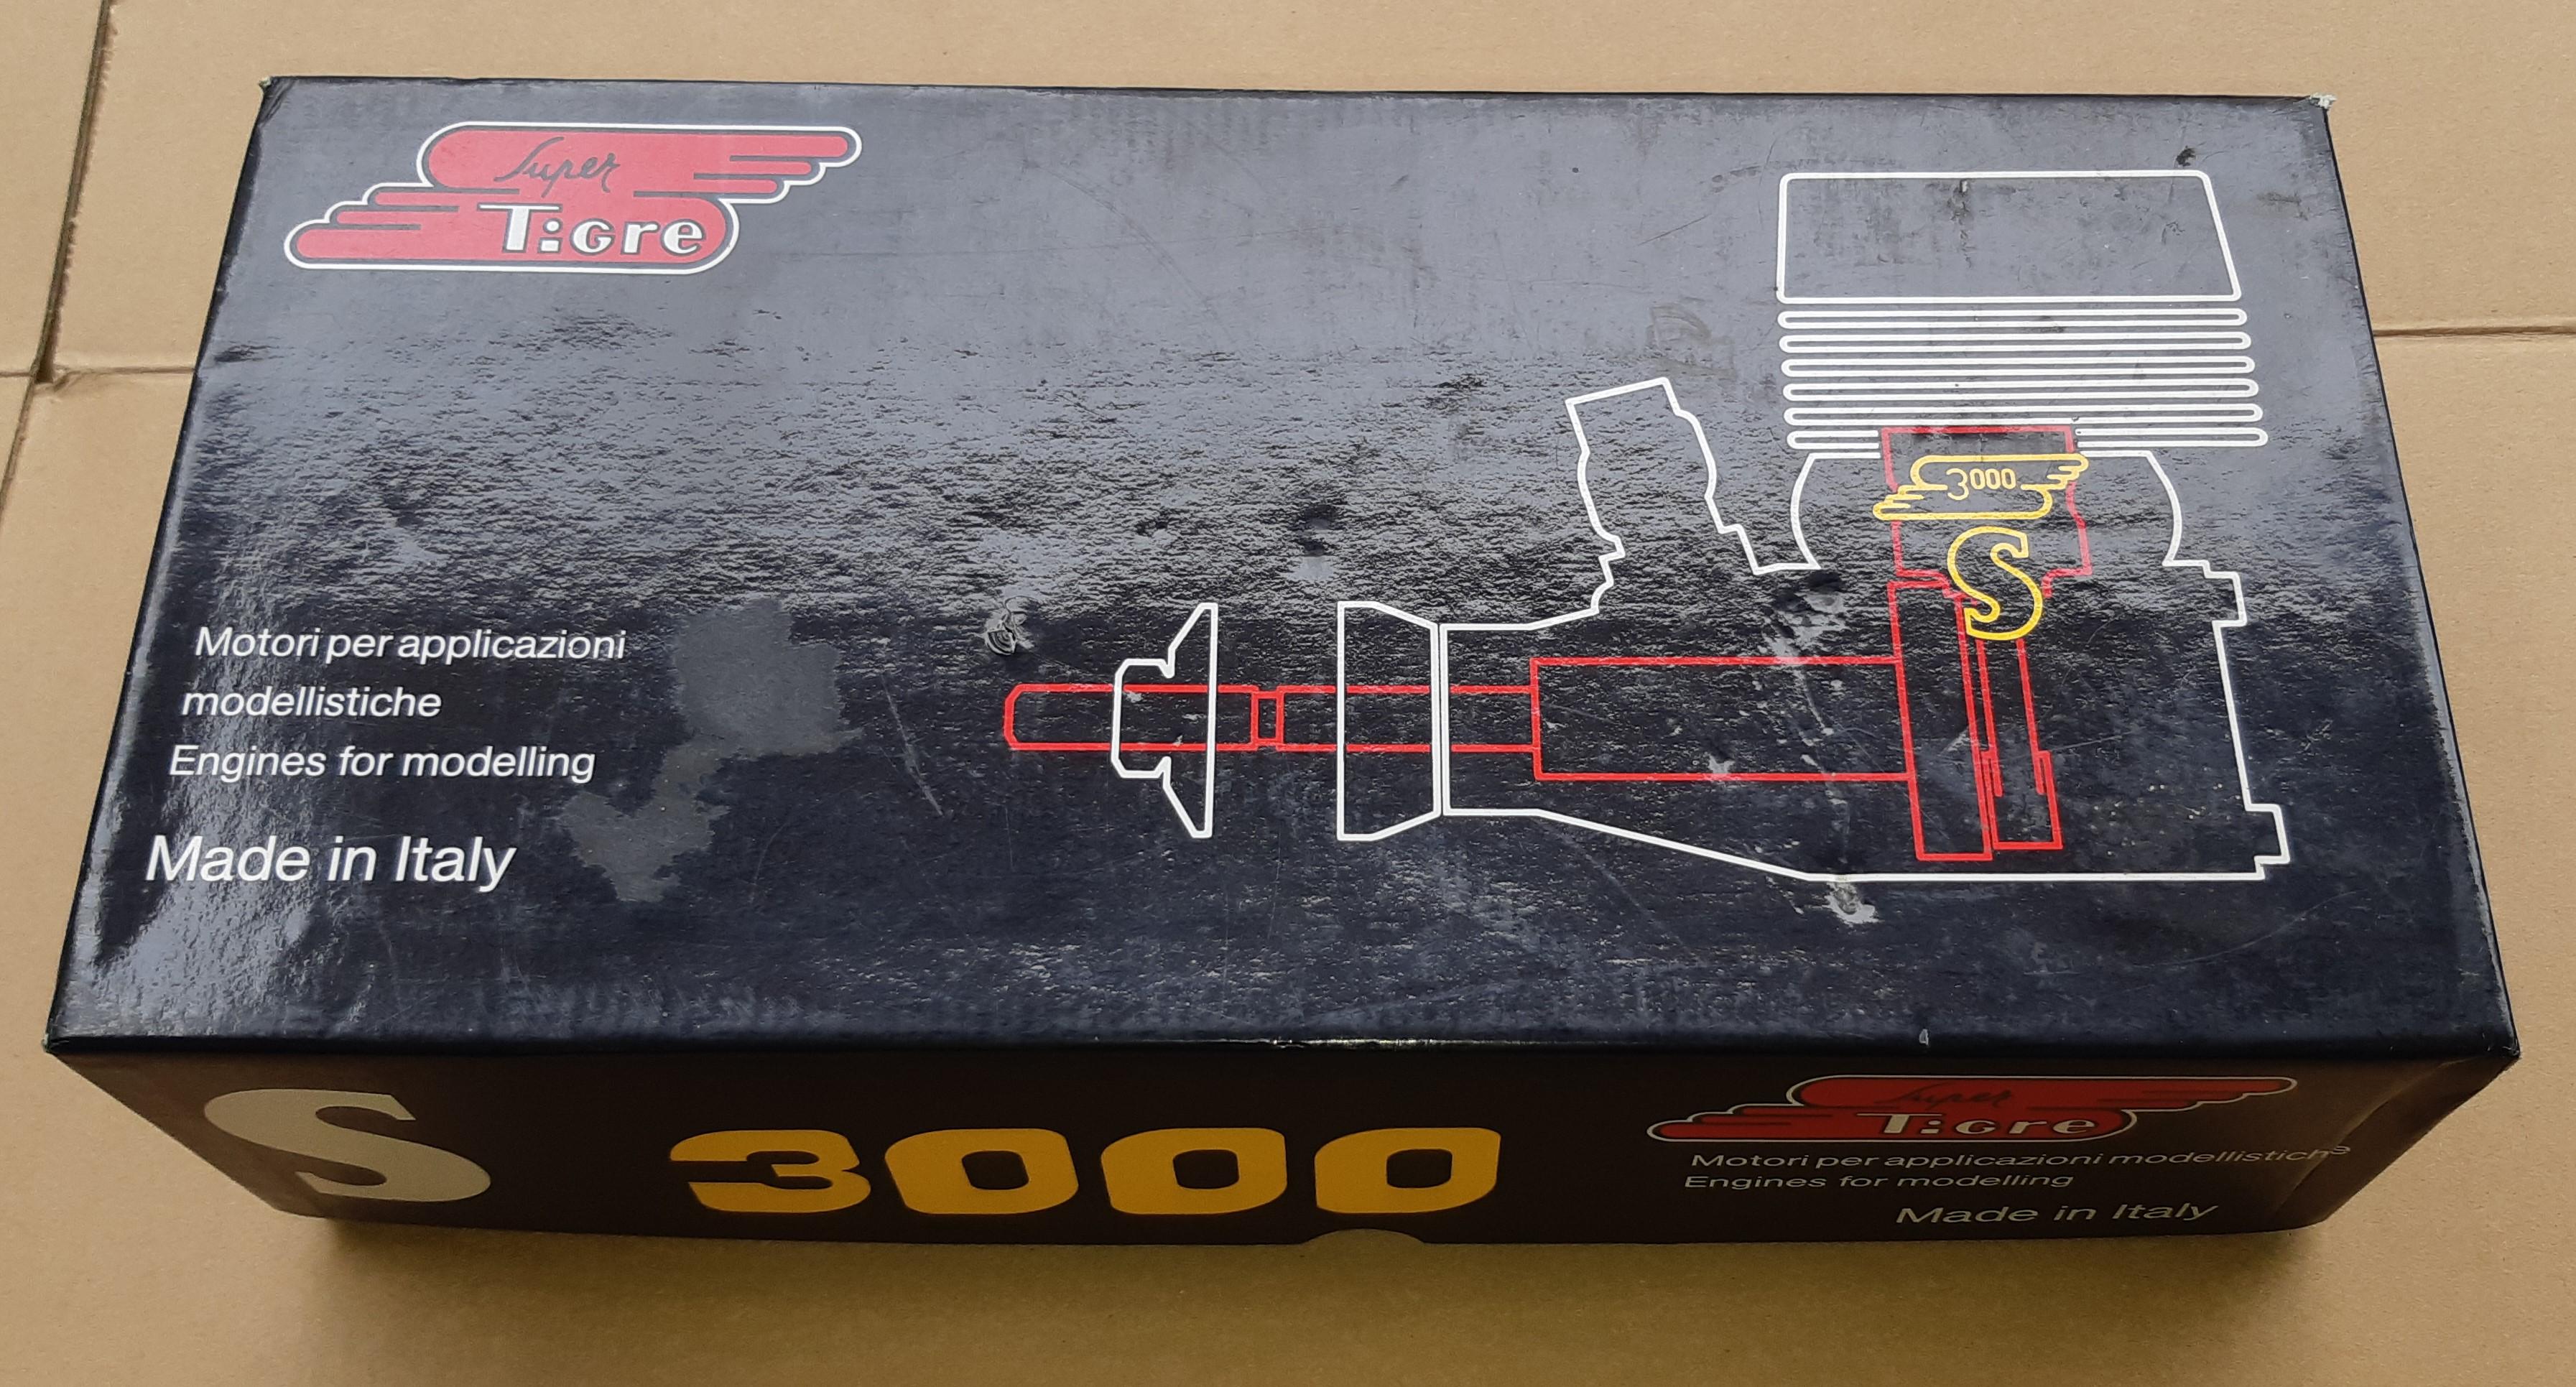 Supertigre S3000